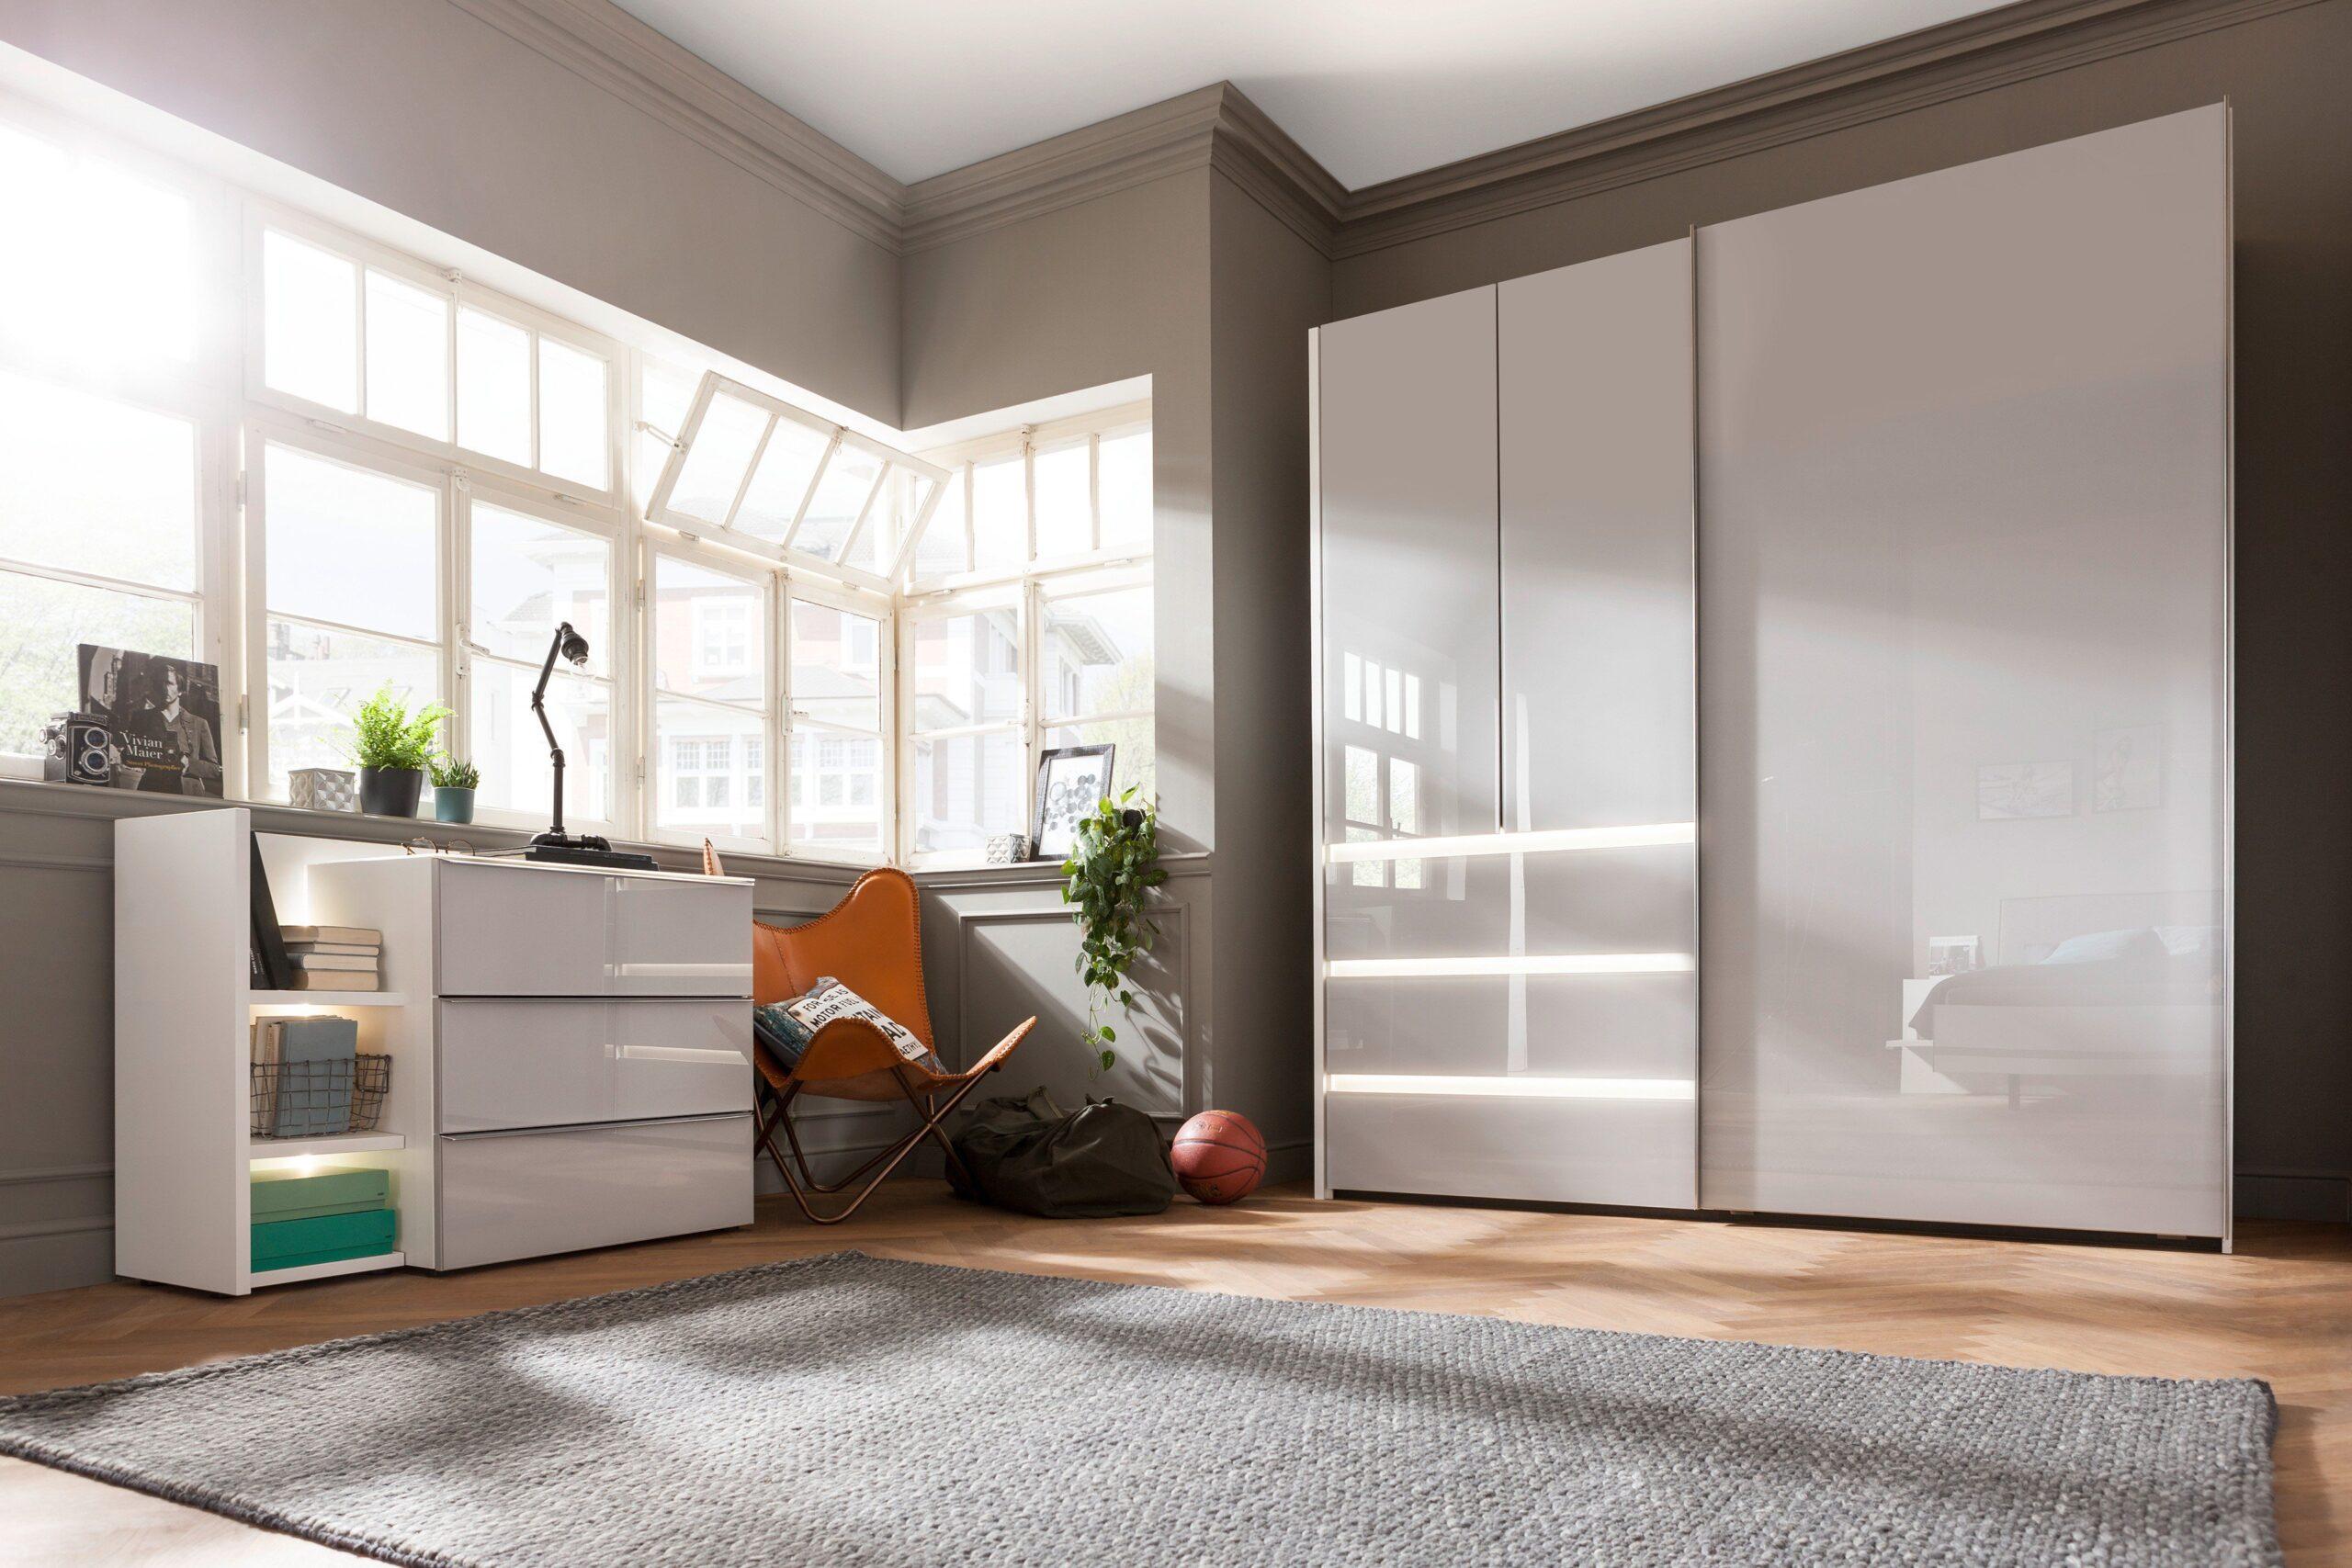 Full Size of Nolte Küchen Glasfront Concept Me 320 Schrank Seidengrau Mbel Letz Ihr Online Shop Betten Küche Regal Schlafzimmer Wohnzimmer Nolte Küchen Glasfront